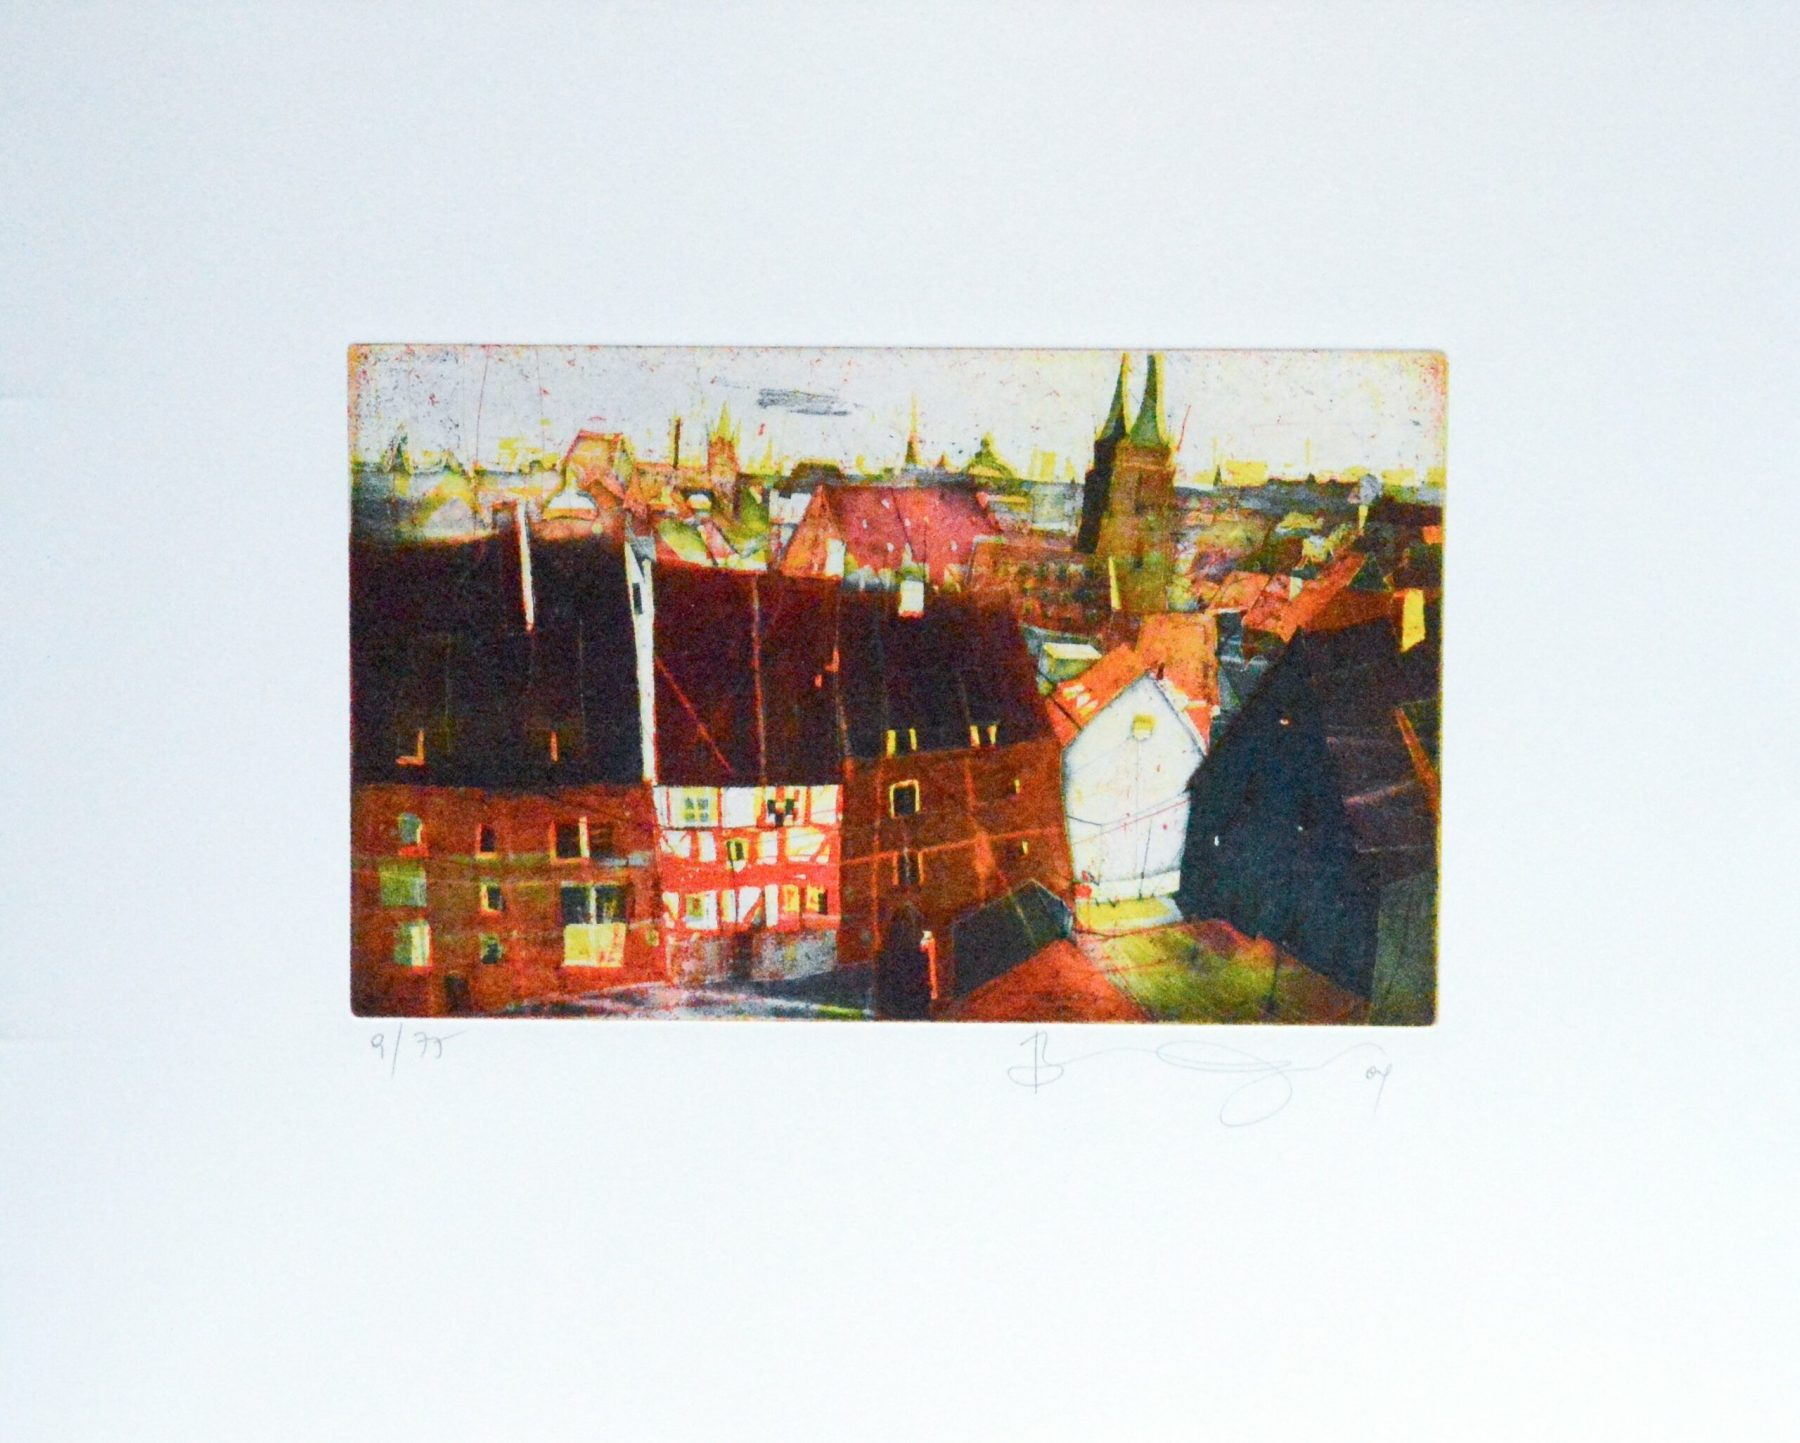 Nürnberg von der Burg I - Vogel, Bernhard - k-BVG147